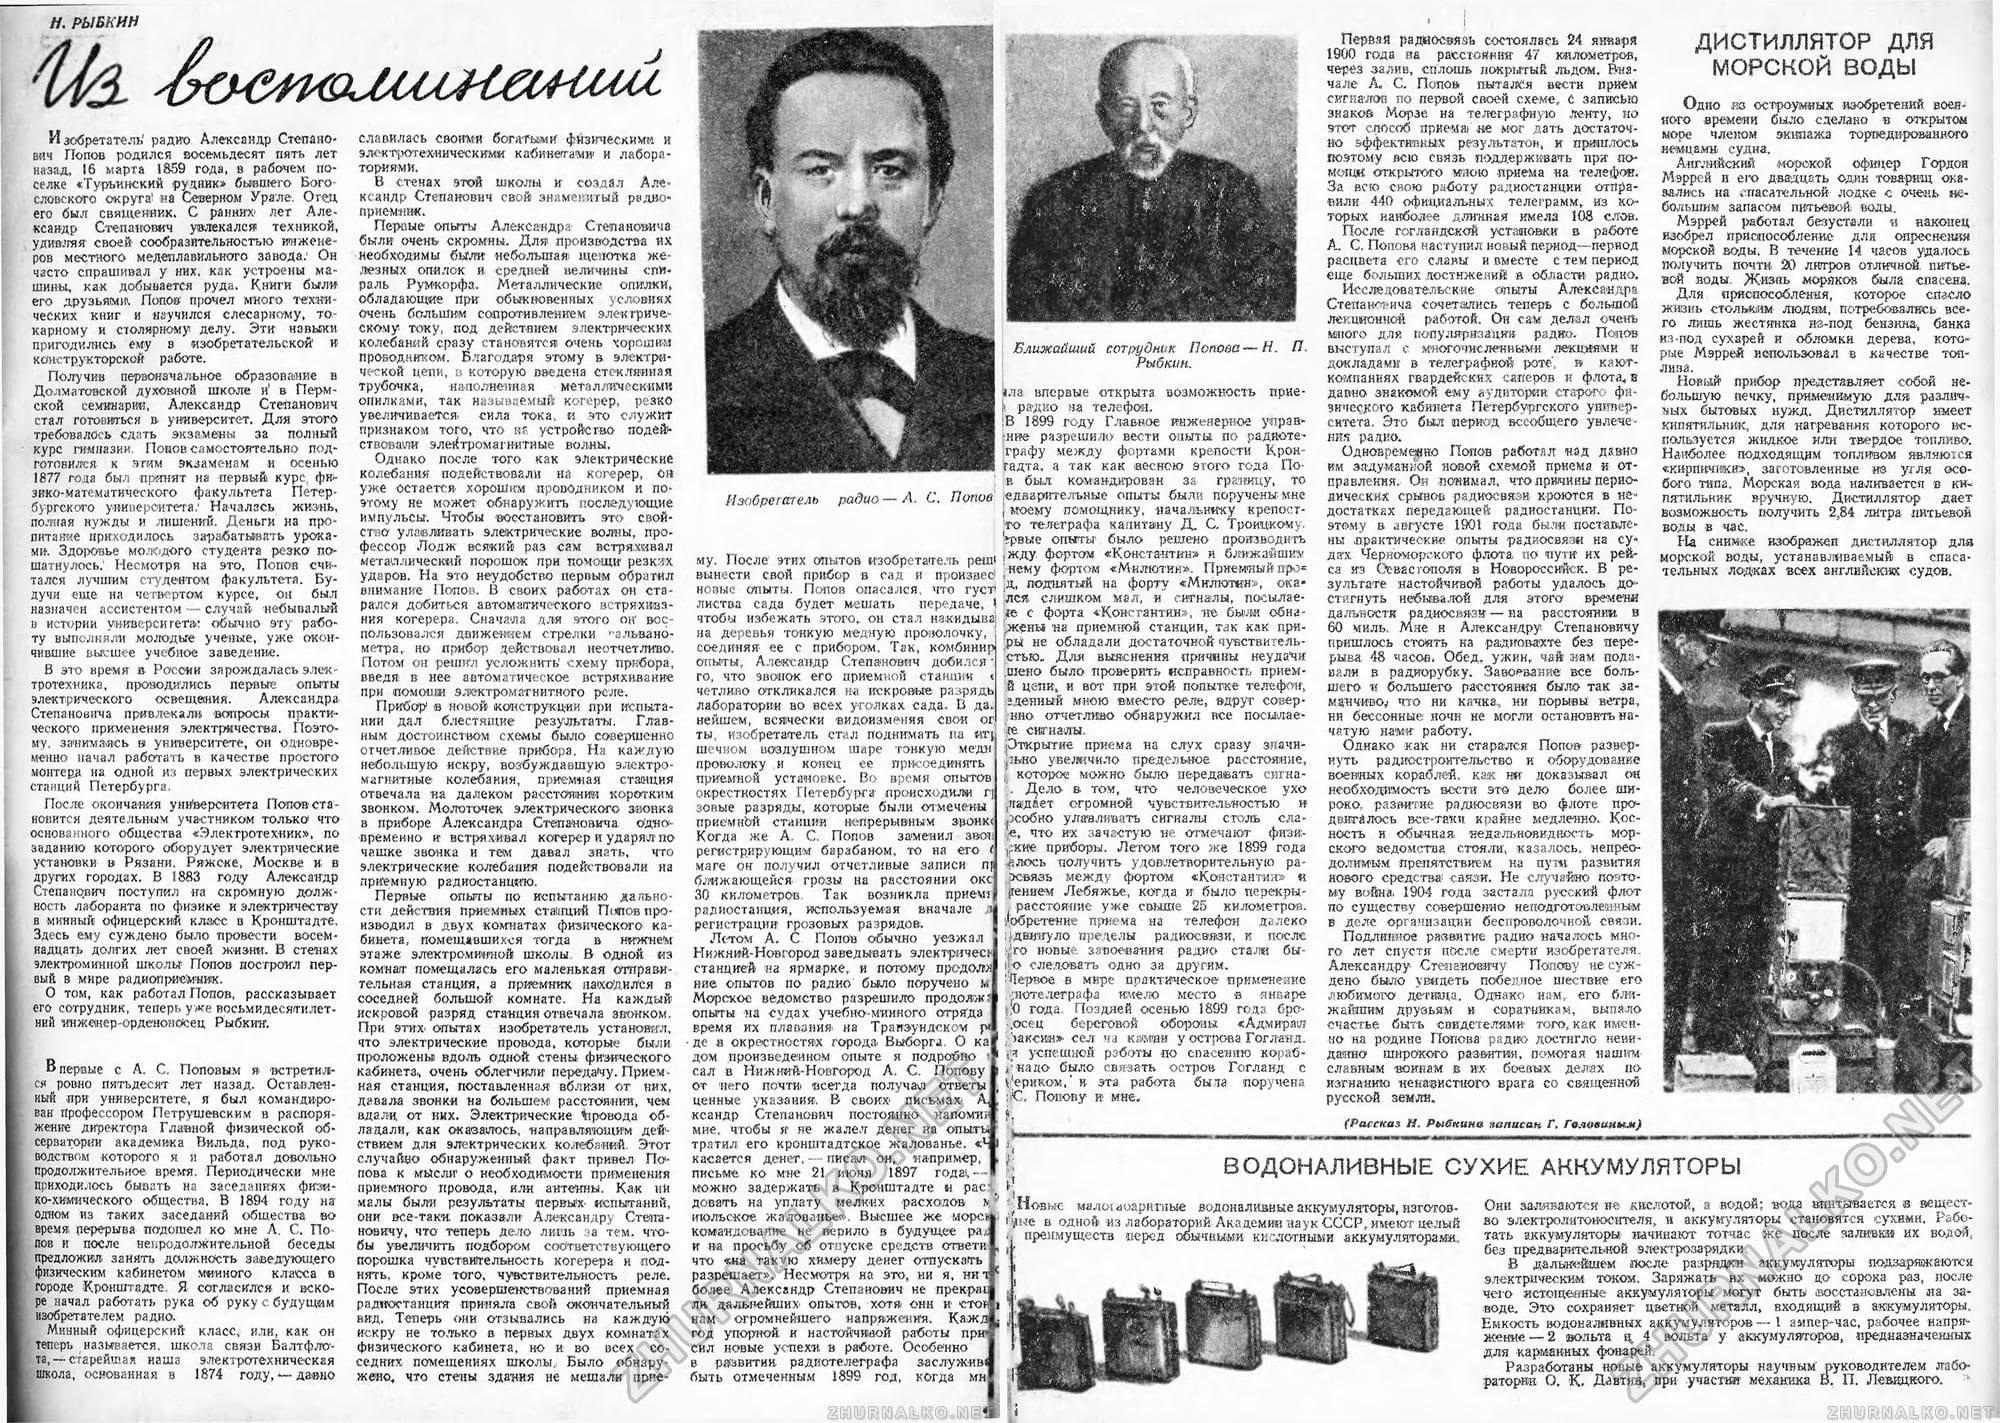 Статья «Из воспоминаний Рыбкина П.Н.» в журнале «Техника – молодёжи», выпуск апрель 1944 г., стр. 25-26